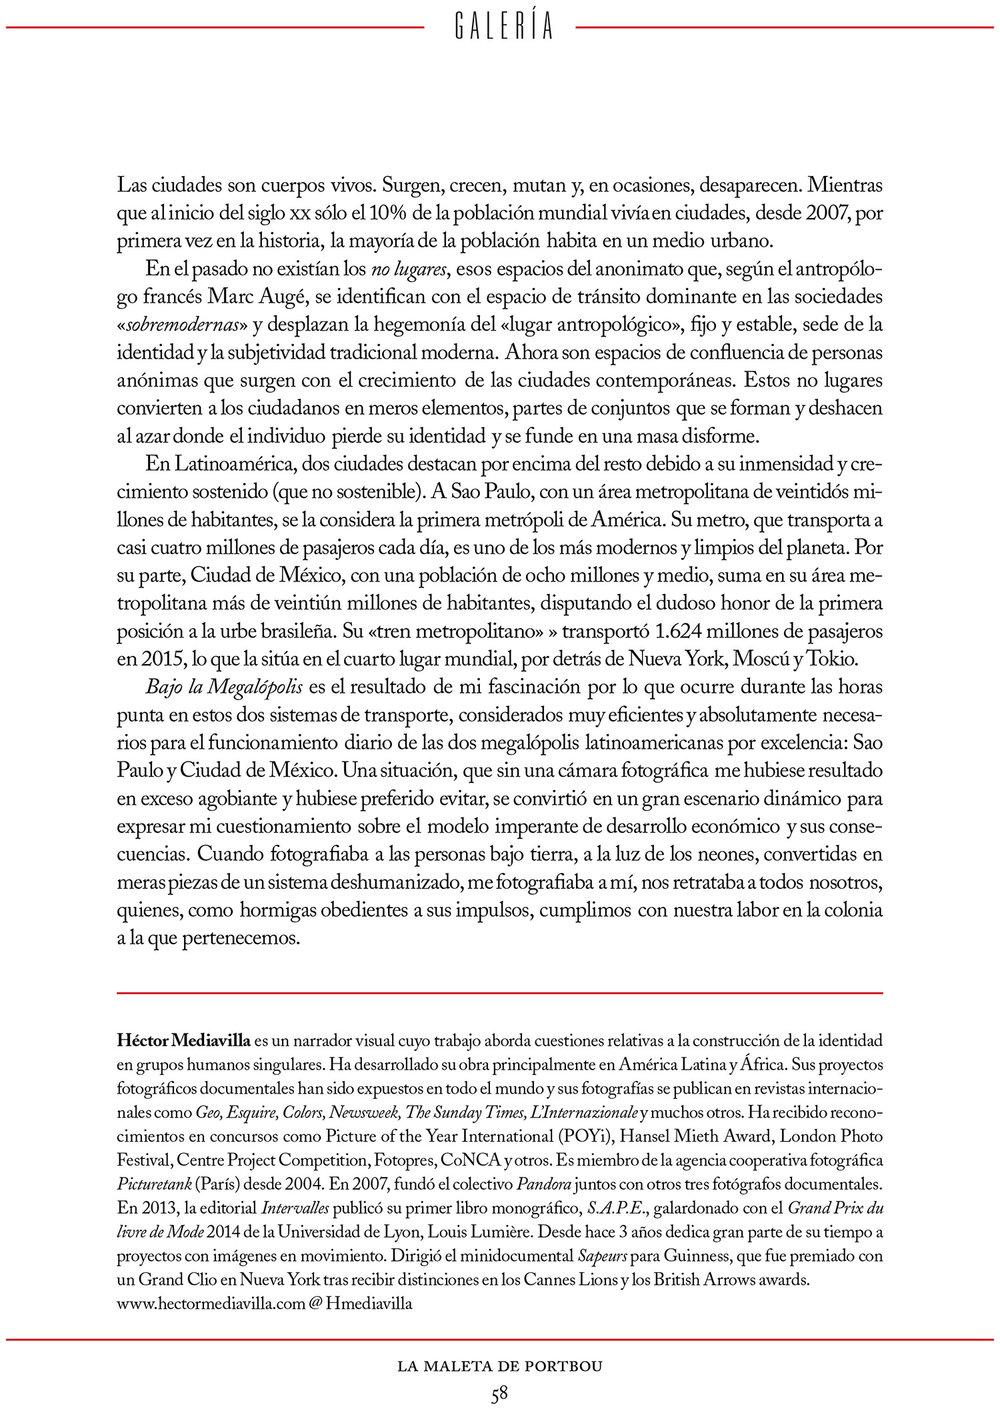 GALERÍA_M20_HECTOR MEDIAVILLA-2.jpg